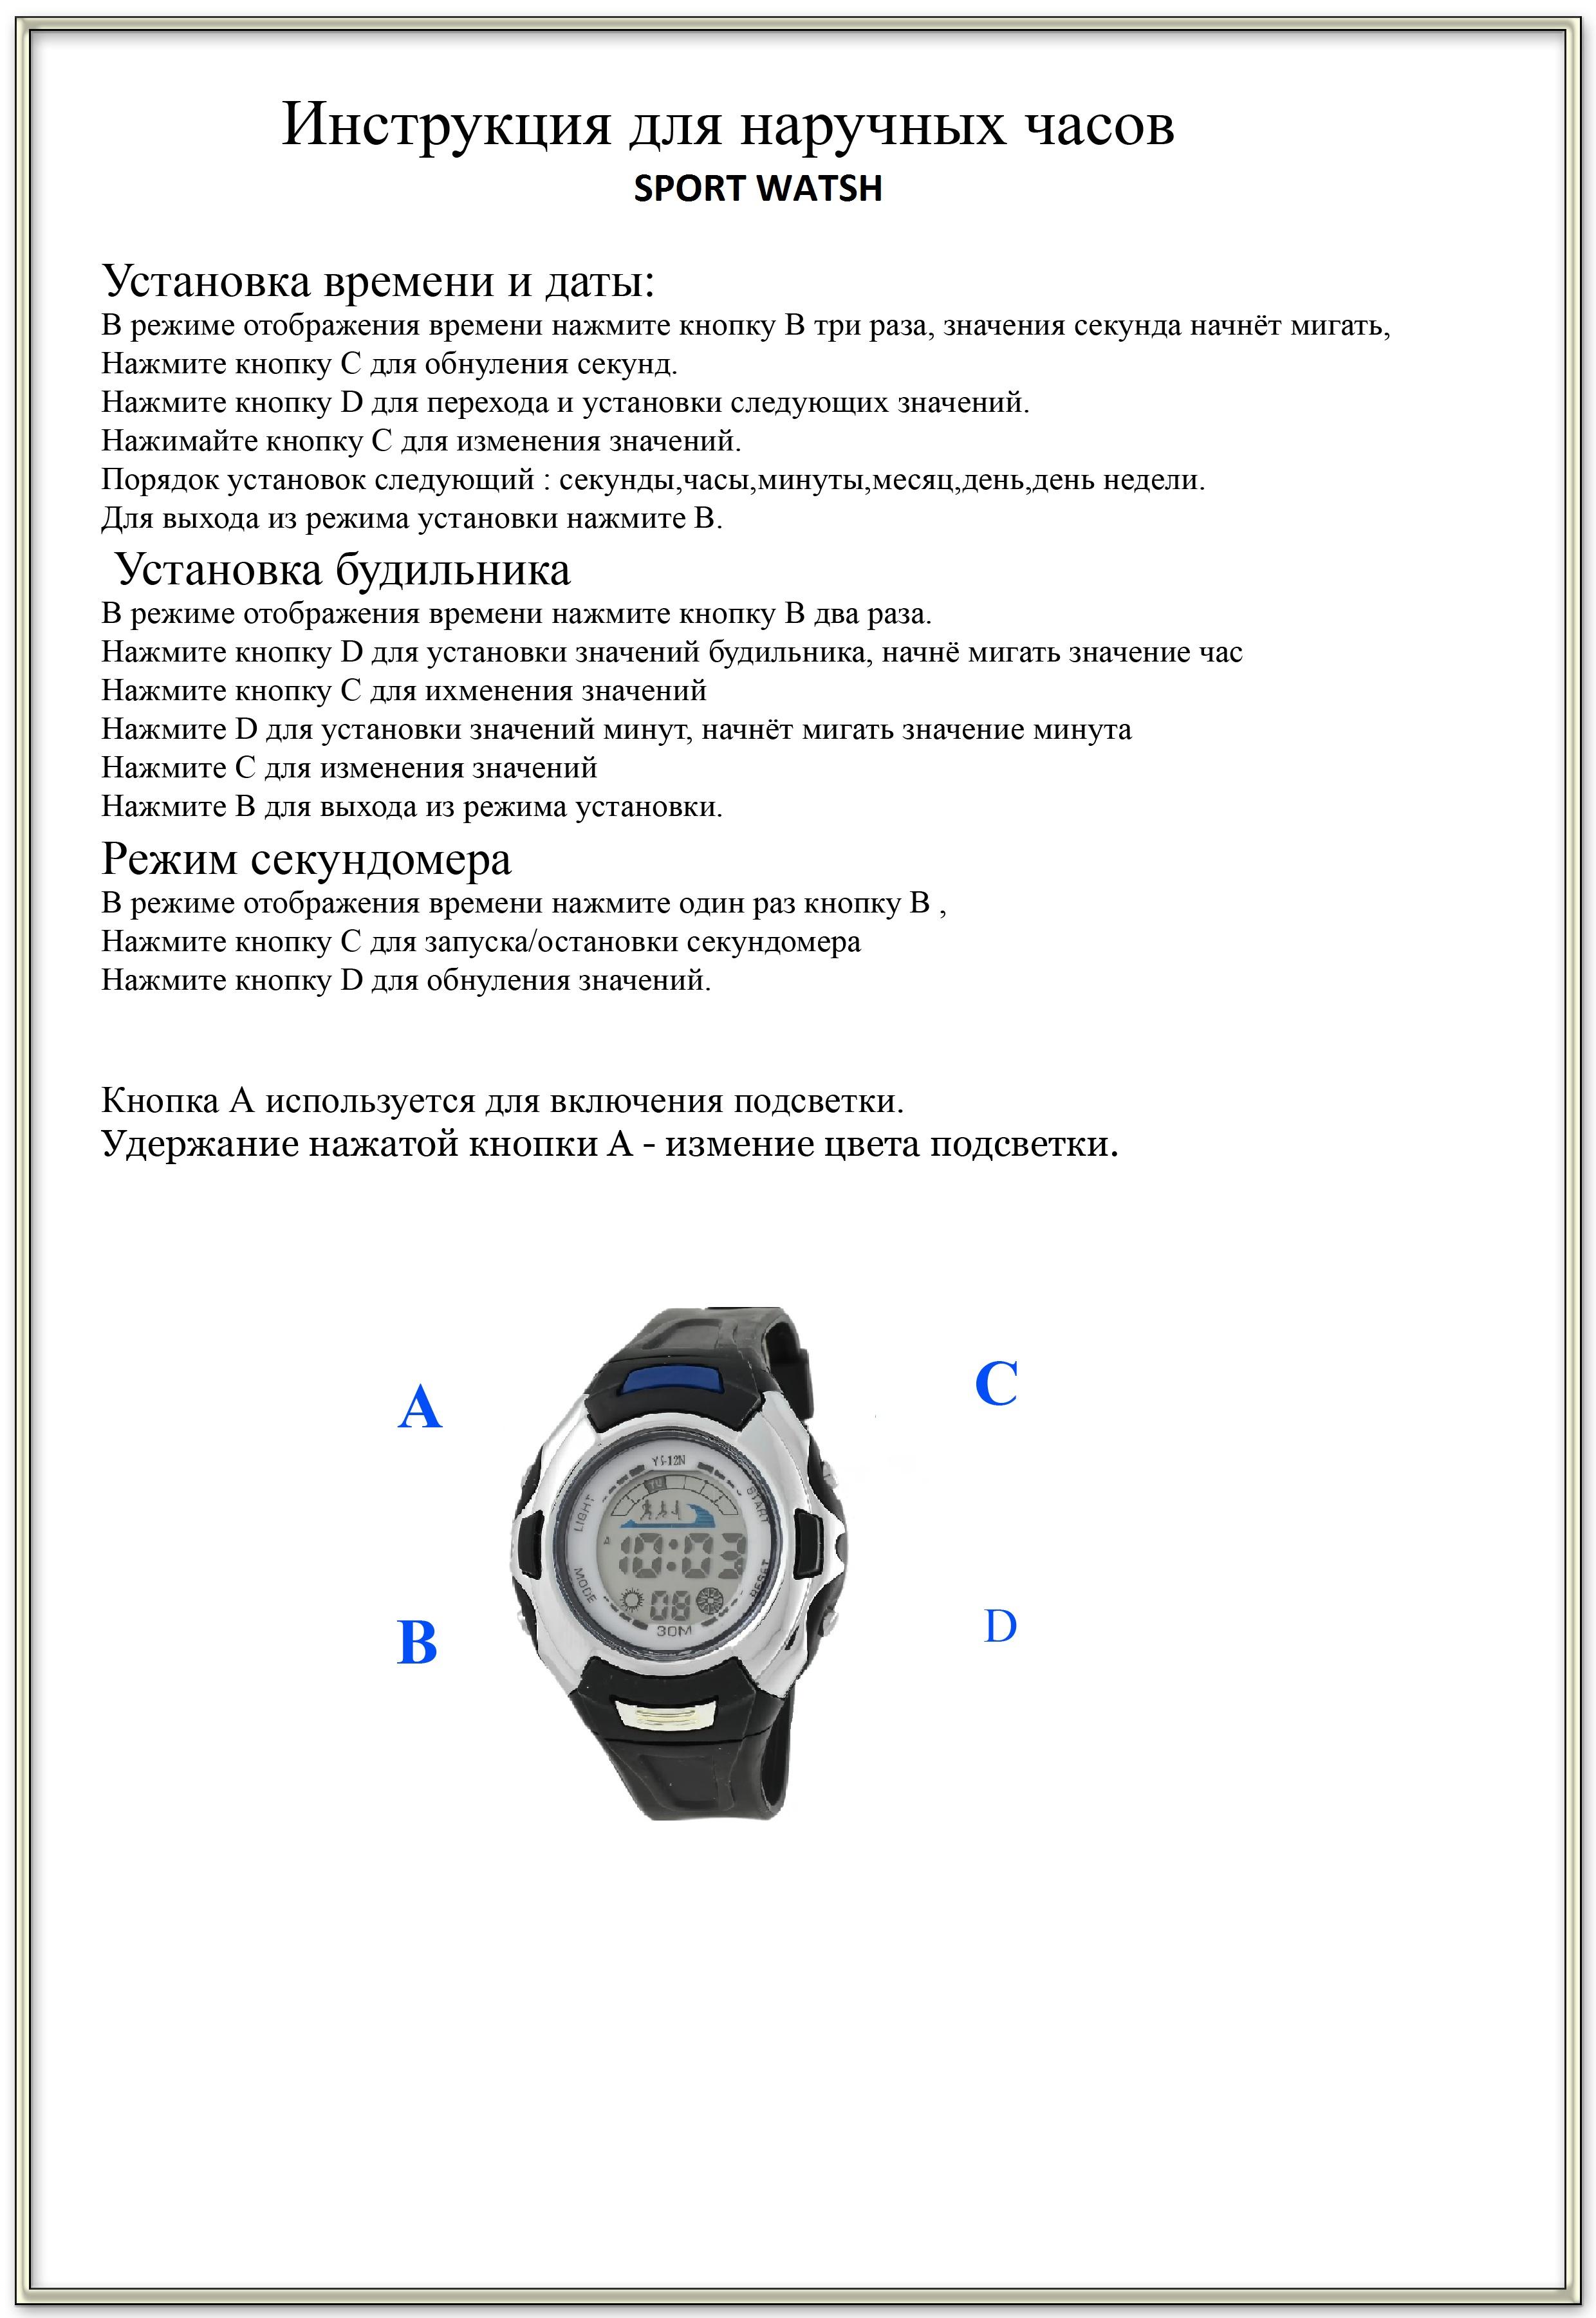 Инструкции к китайским часам